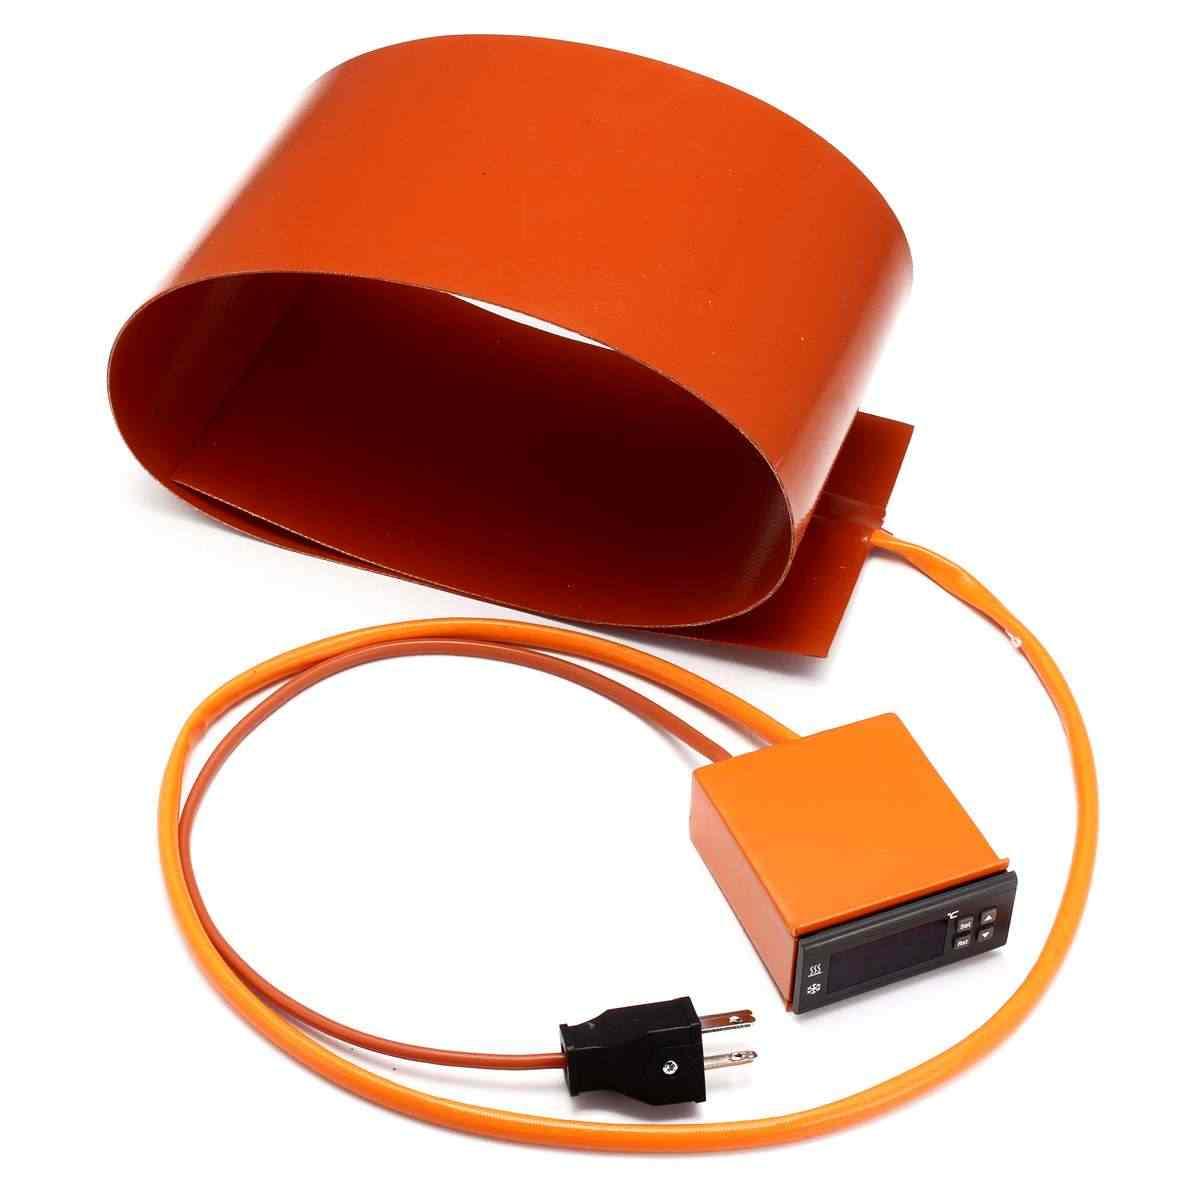 1200 w aquecedor de silicone cobertor térmico guitarra flexão lateral aquecimento + controlador almofadas aquecimento elétrico plug eua 120 v 152mm x 914mm